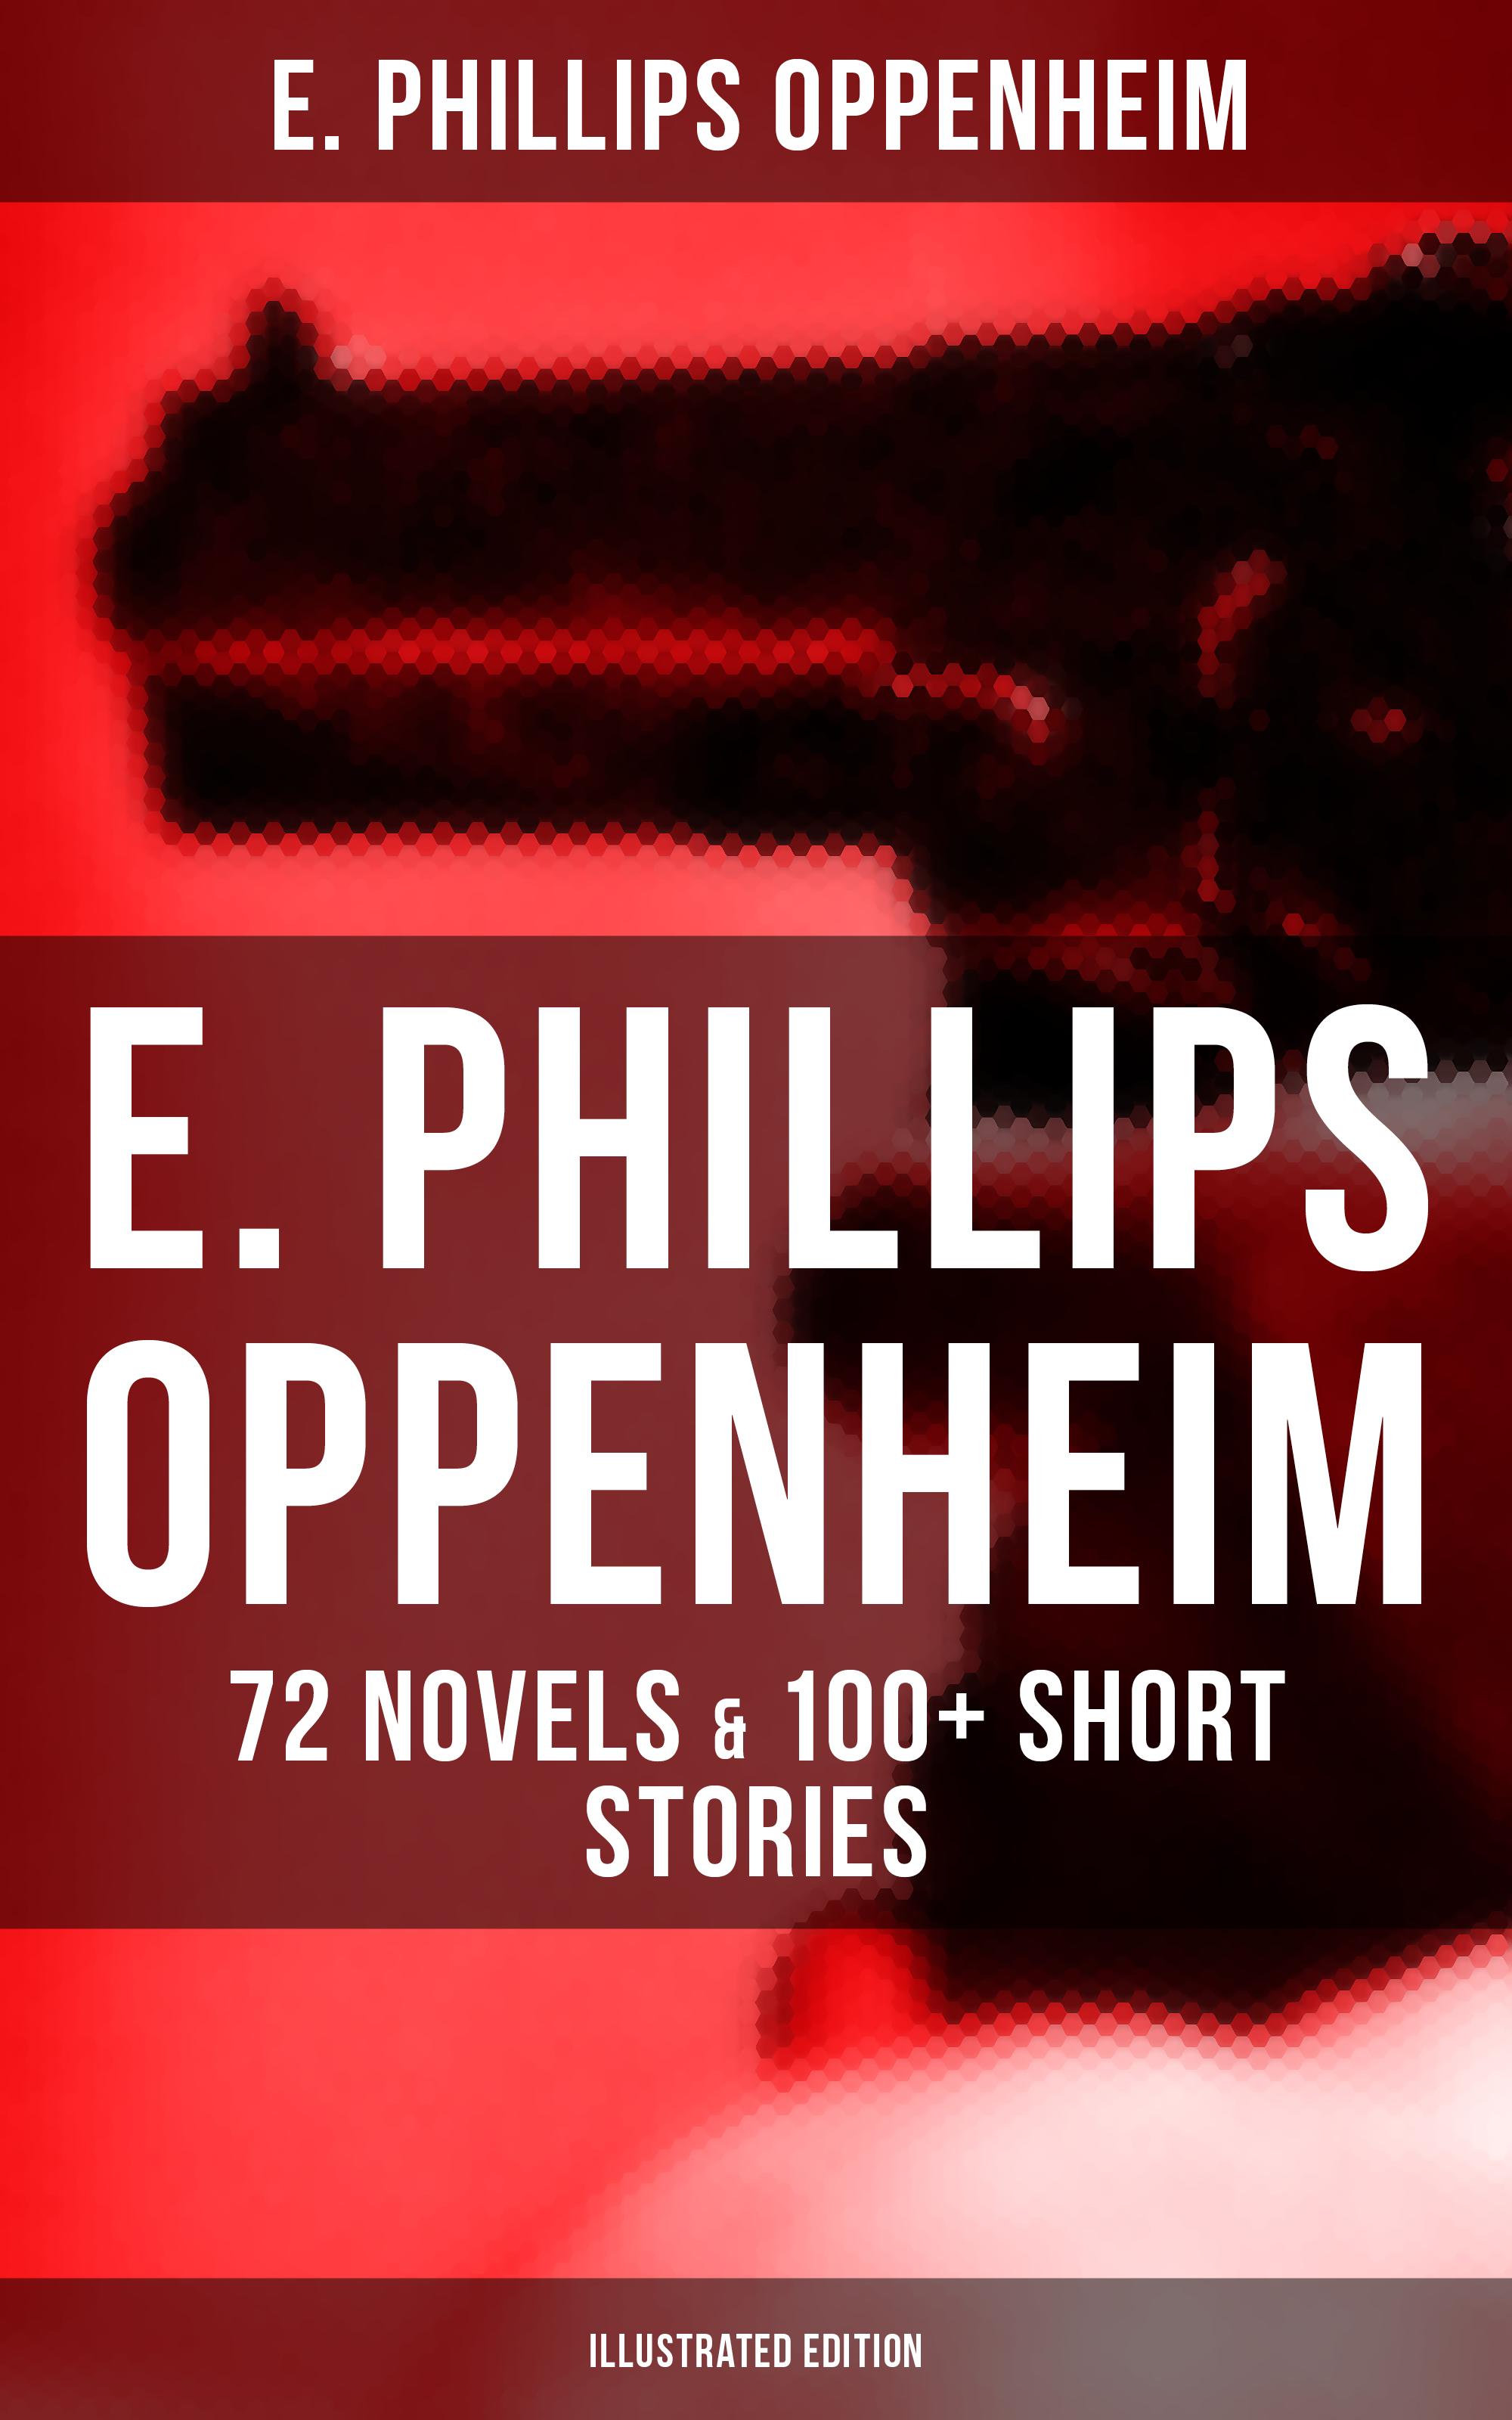 цена E. Phillips Oppenheim E. PHILLIPS OPPENHEIM: 72 Novels & 100+ Short Stories (Illustrated Edition) онлайн в 2017 году